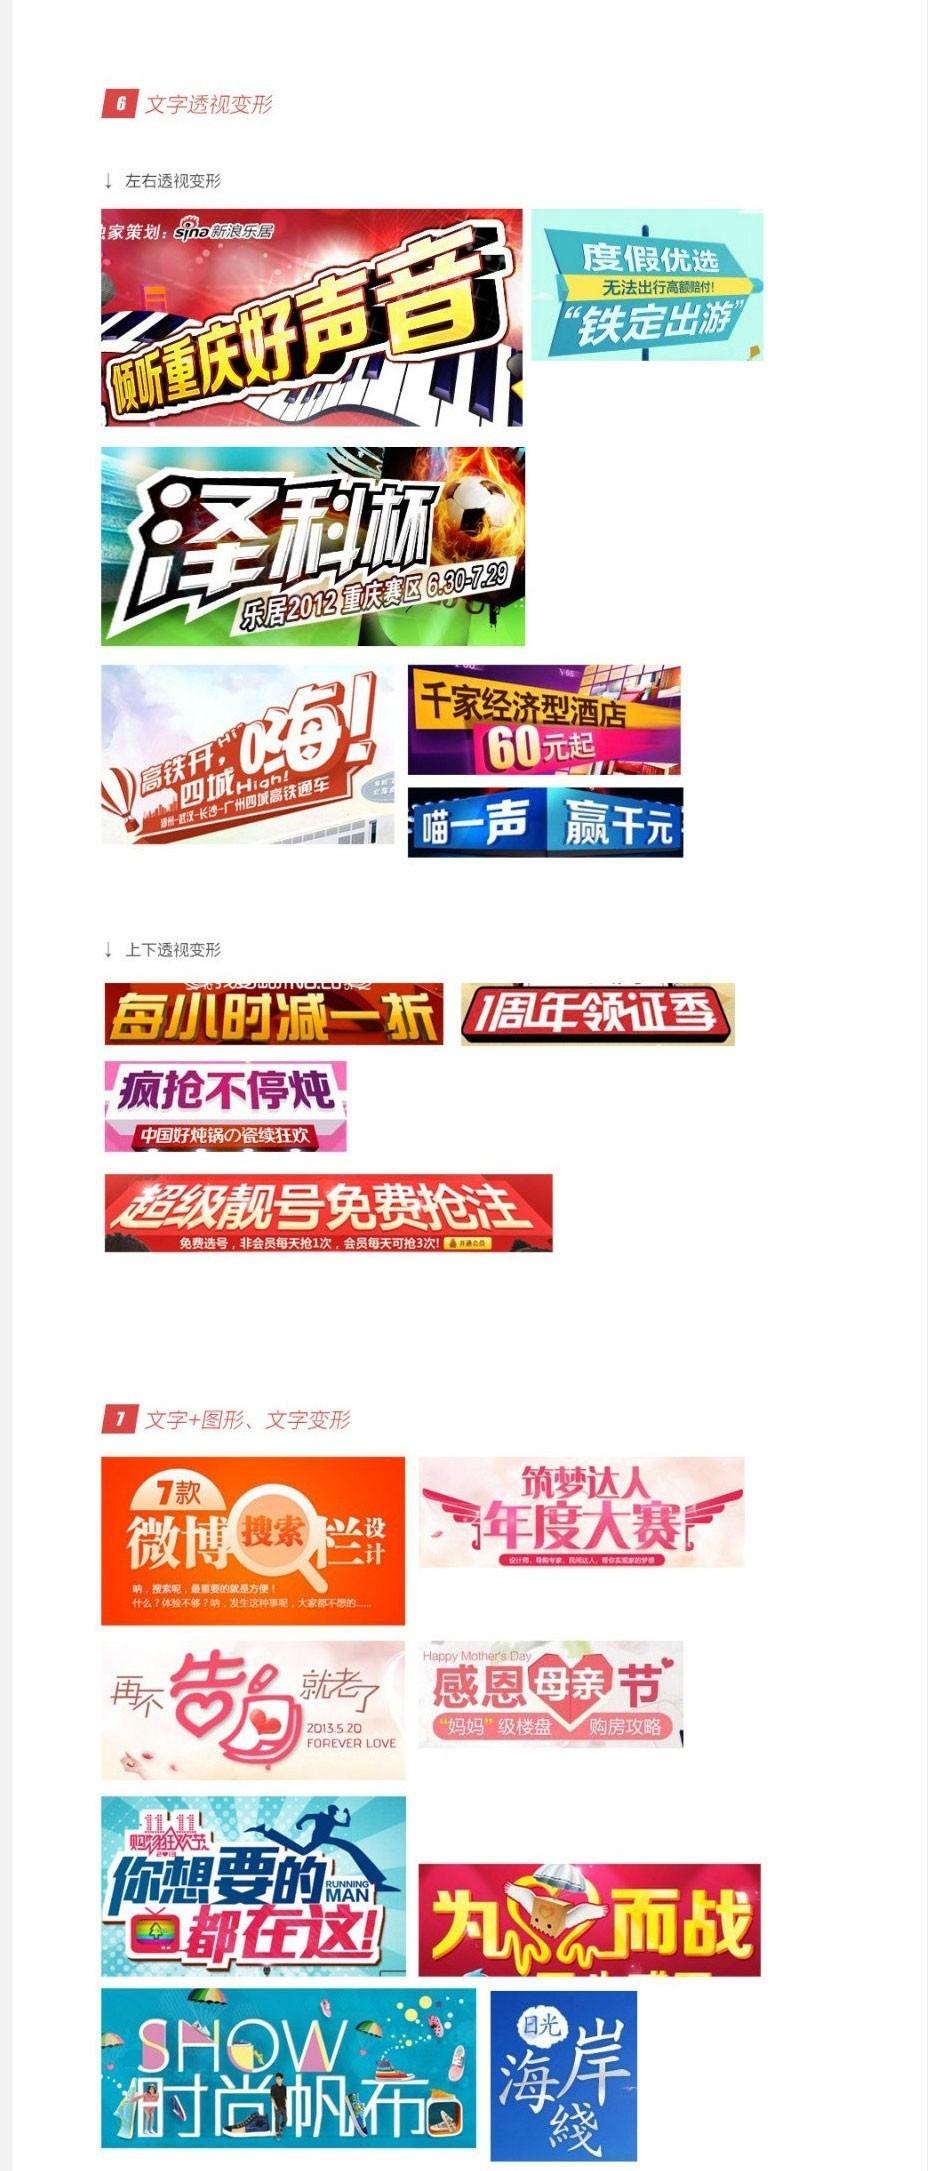 banner文字标题排列设计及样式设计